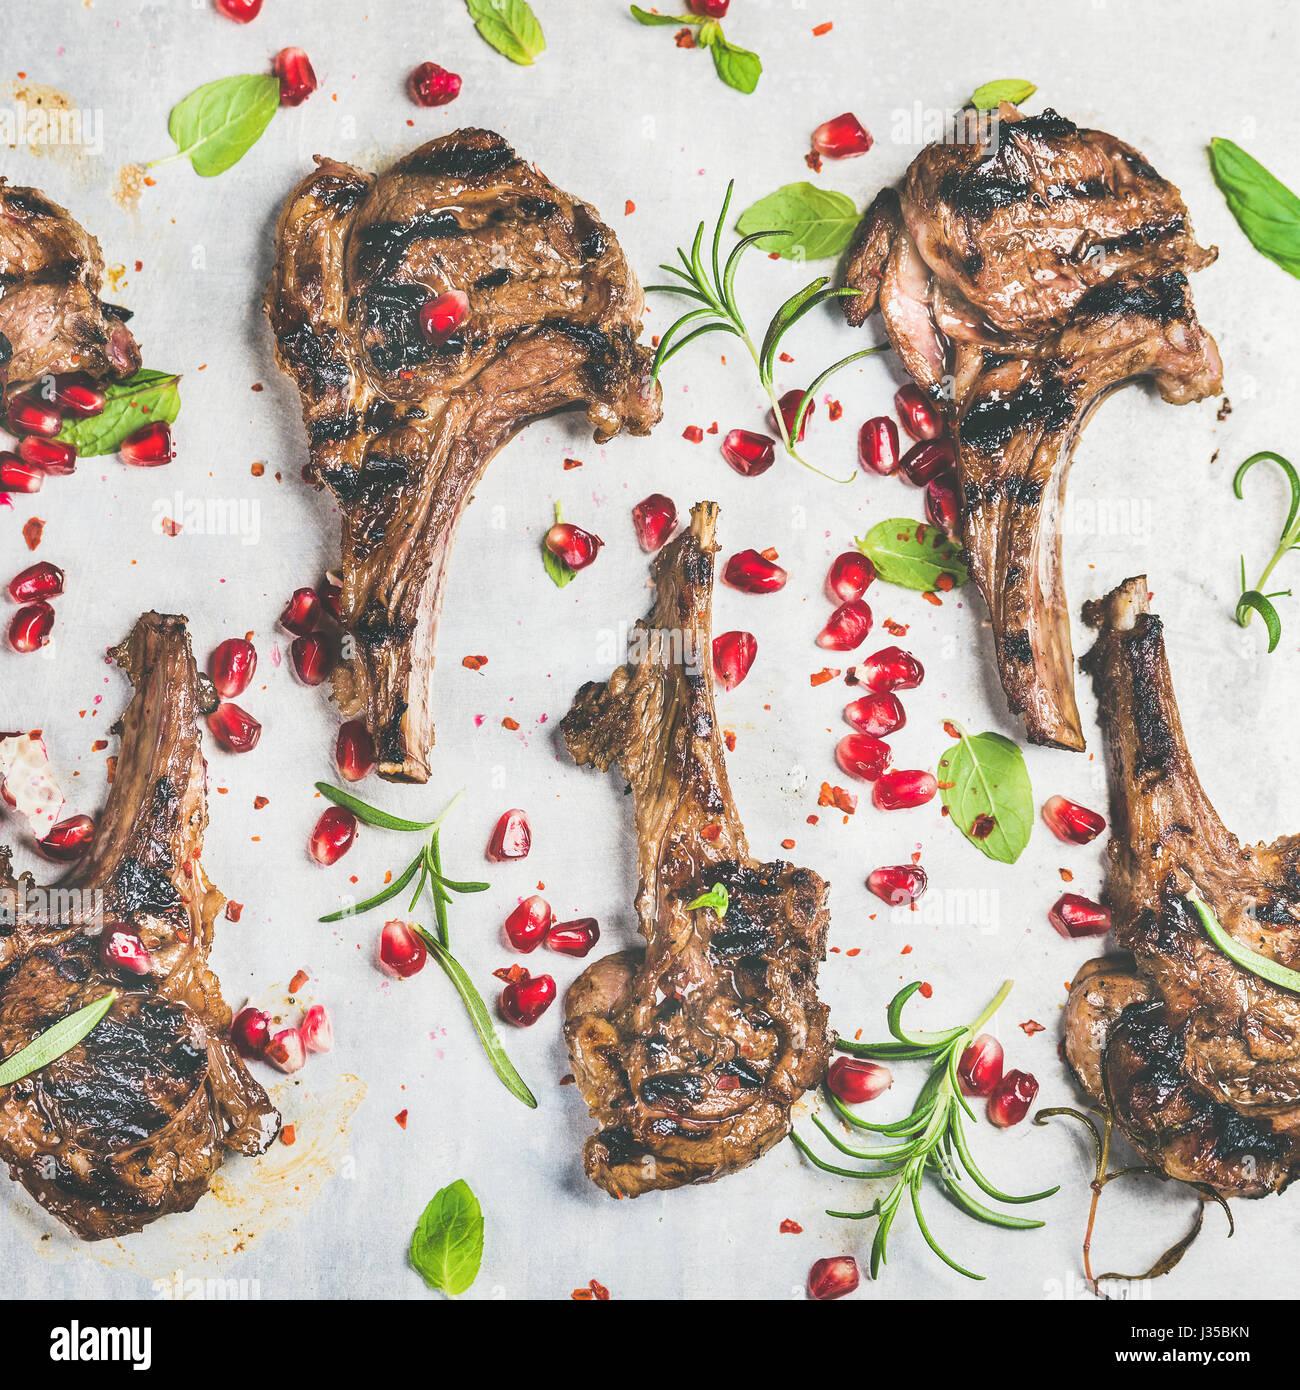 Dîner Slow food avec de l'agneau grillé ribs et grenade, les herbes Photo Stock